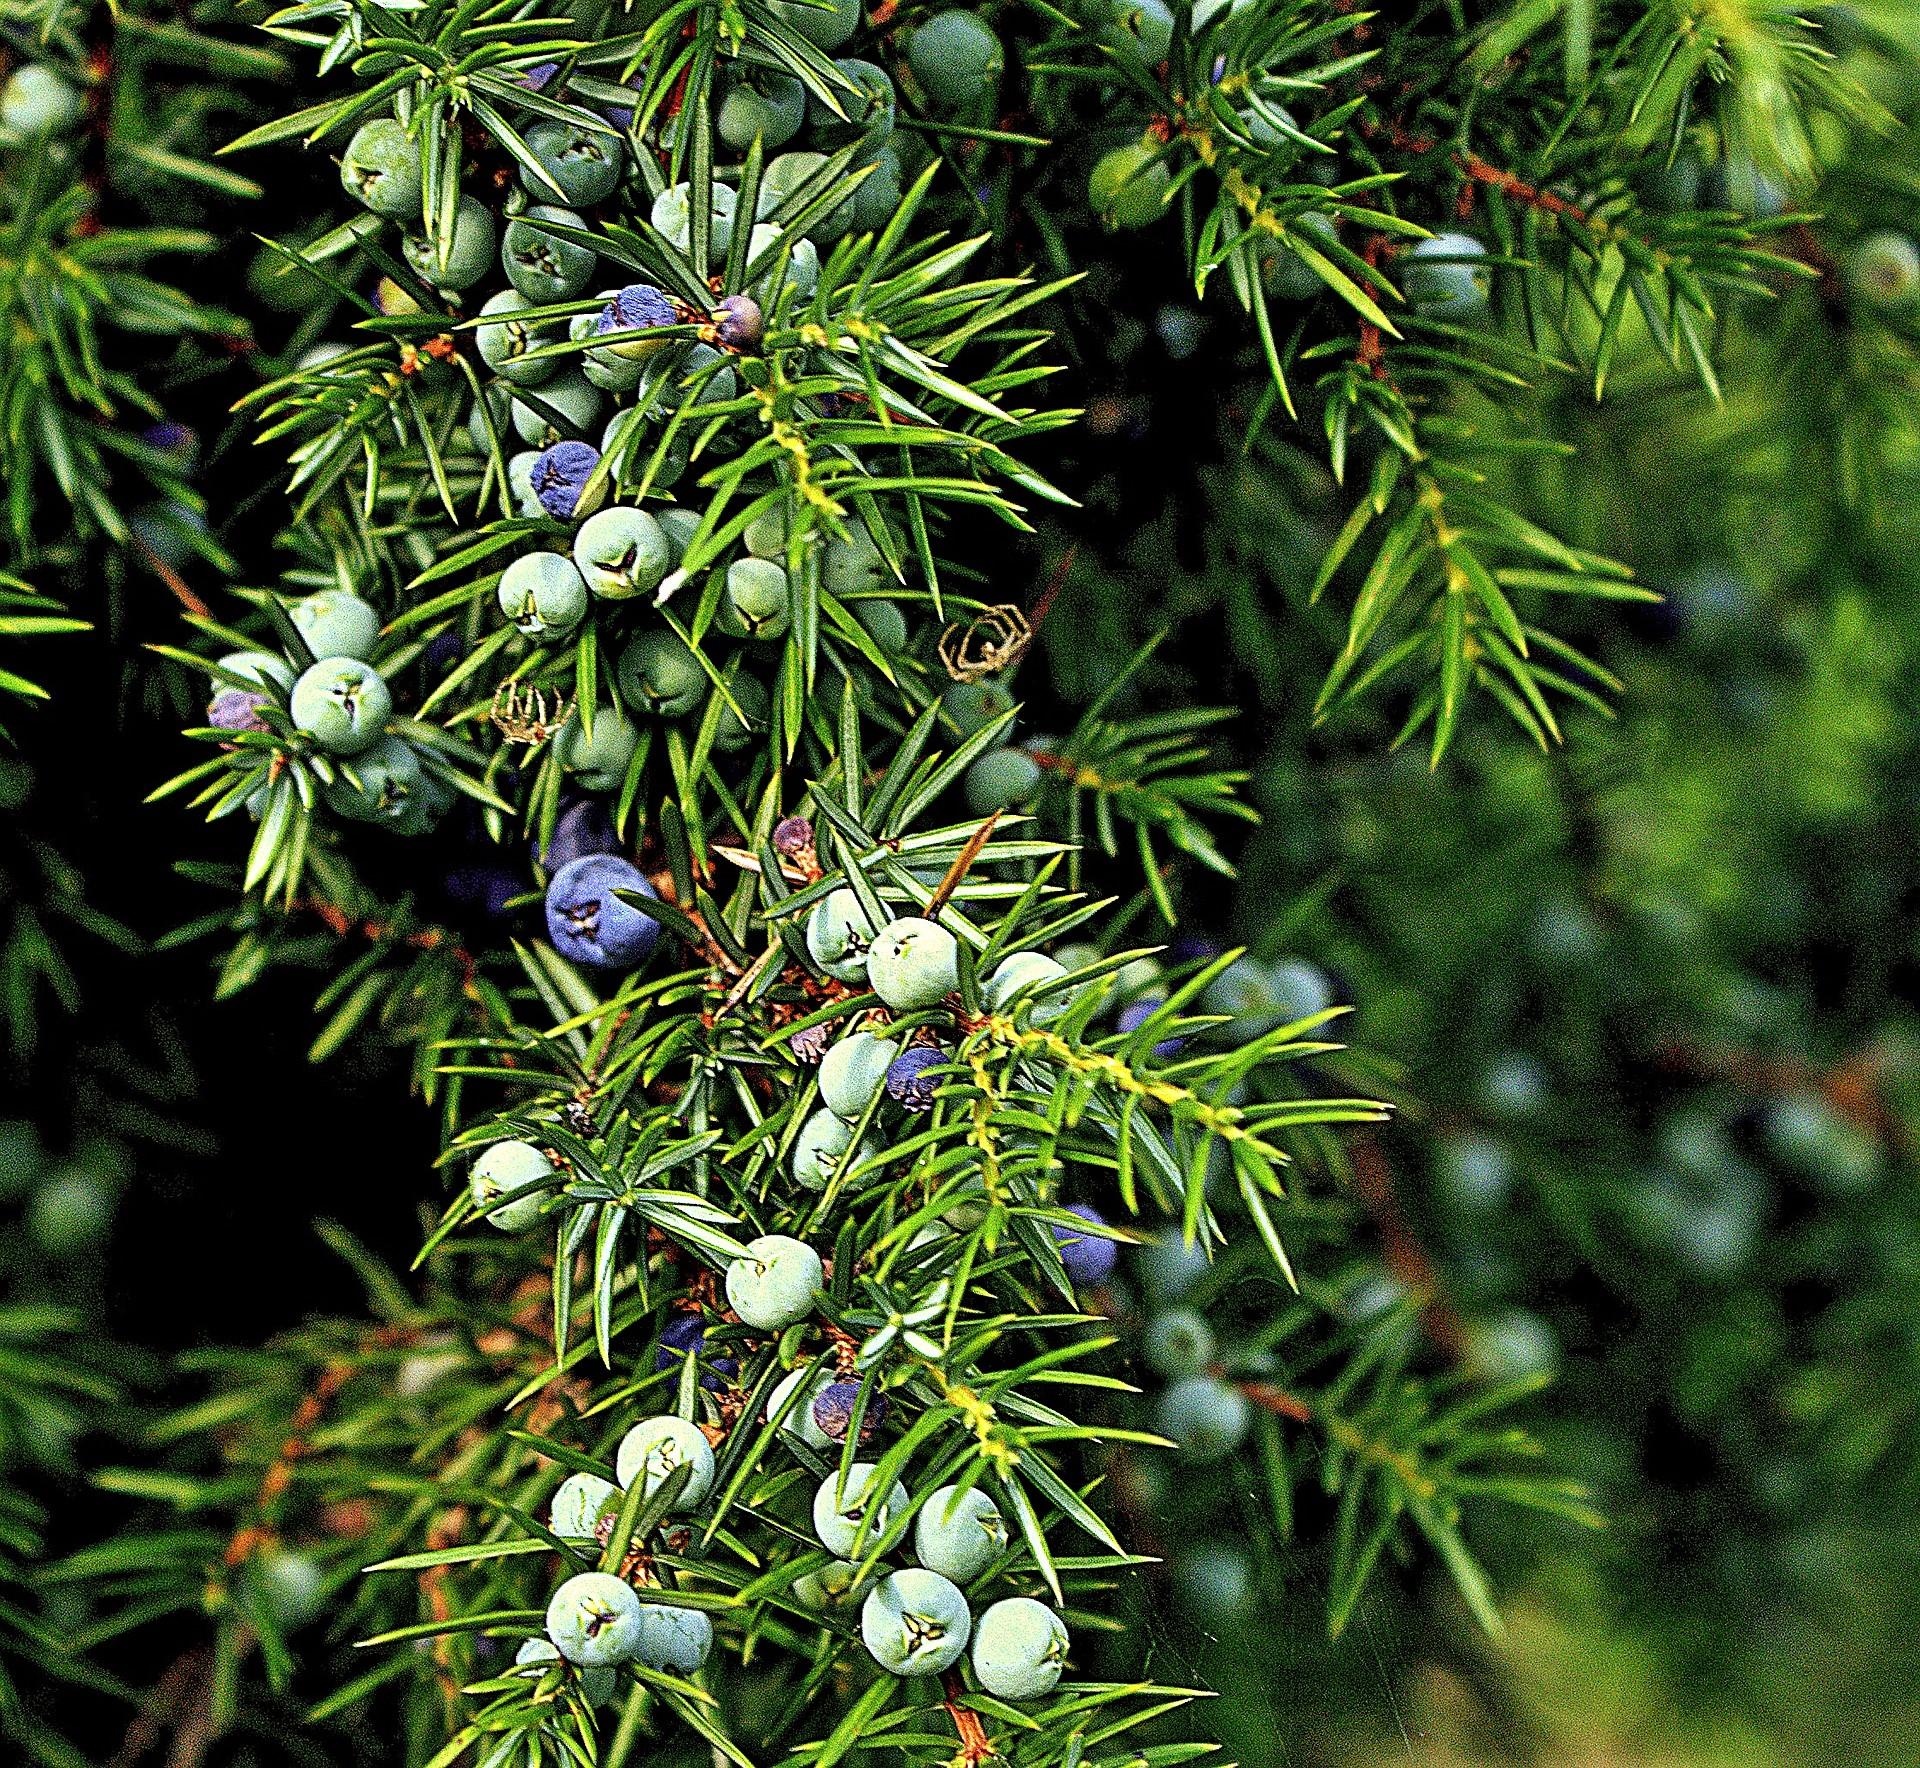 Katajanmarjojen kypsyminen kerstää pari vuotta. Vasta tummansinistet ovat poimintakypsiä ja mausteeksi kelpaavia. Kuva: Pixabay.